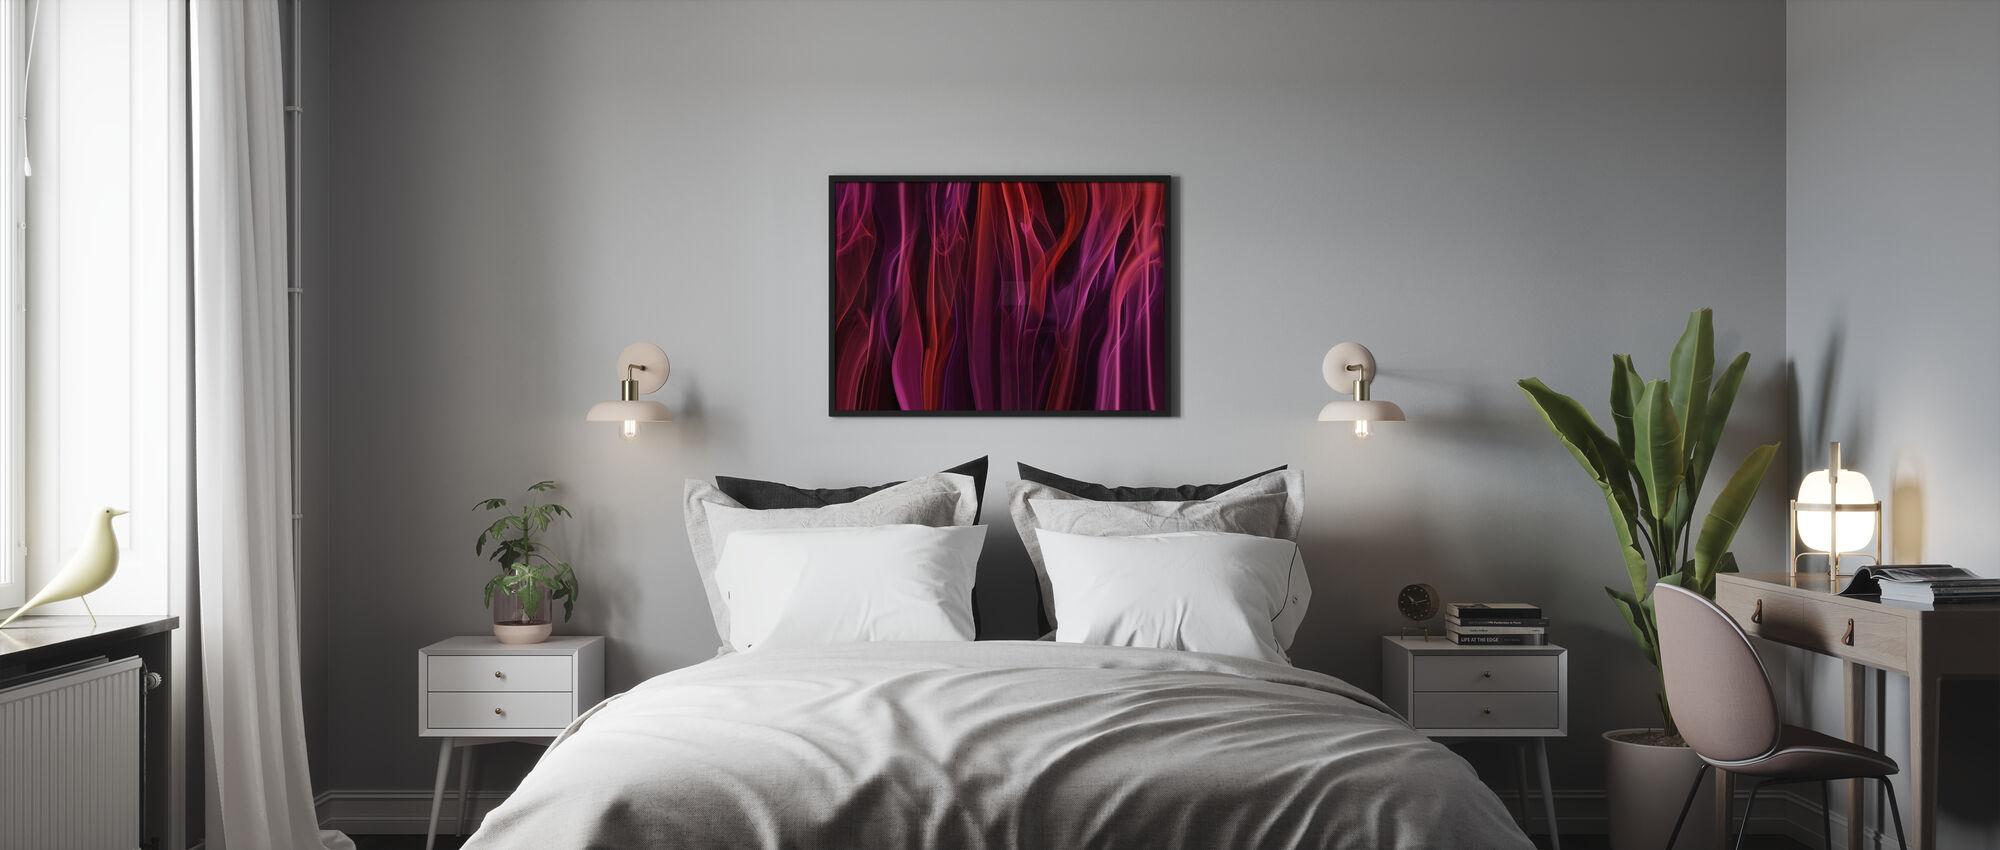 Haihtuvat verhot - Kehystetty kuva - Makuuhuone